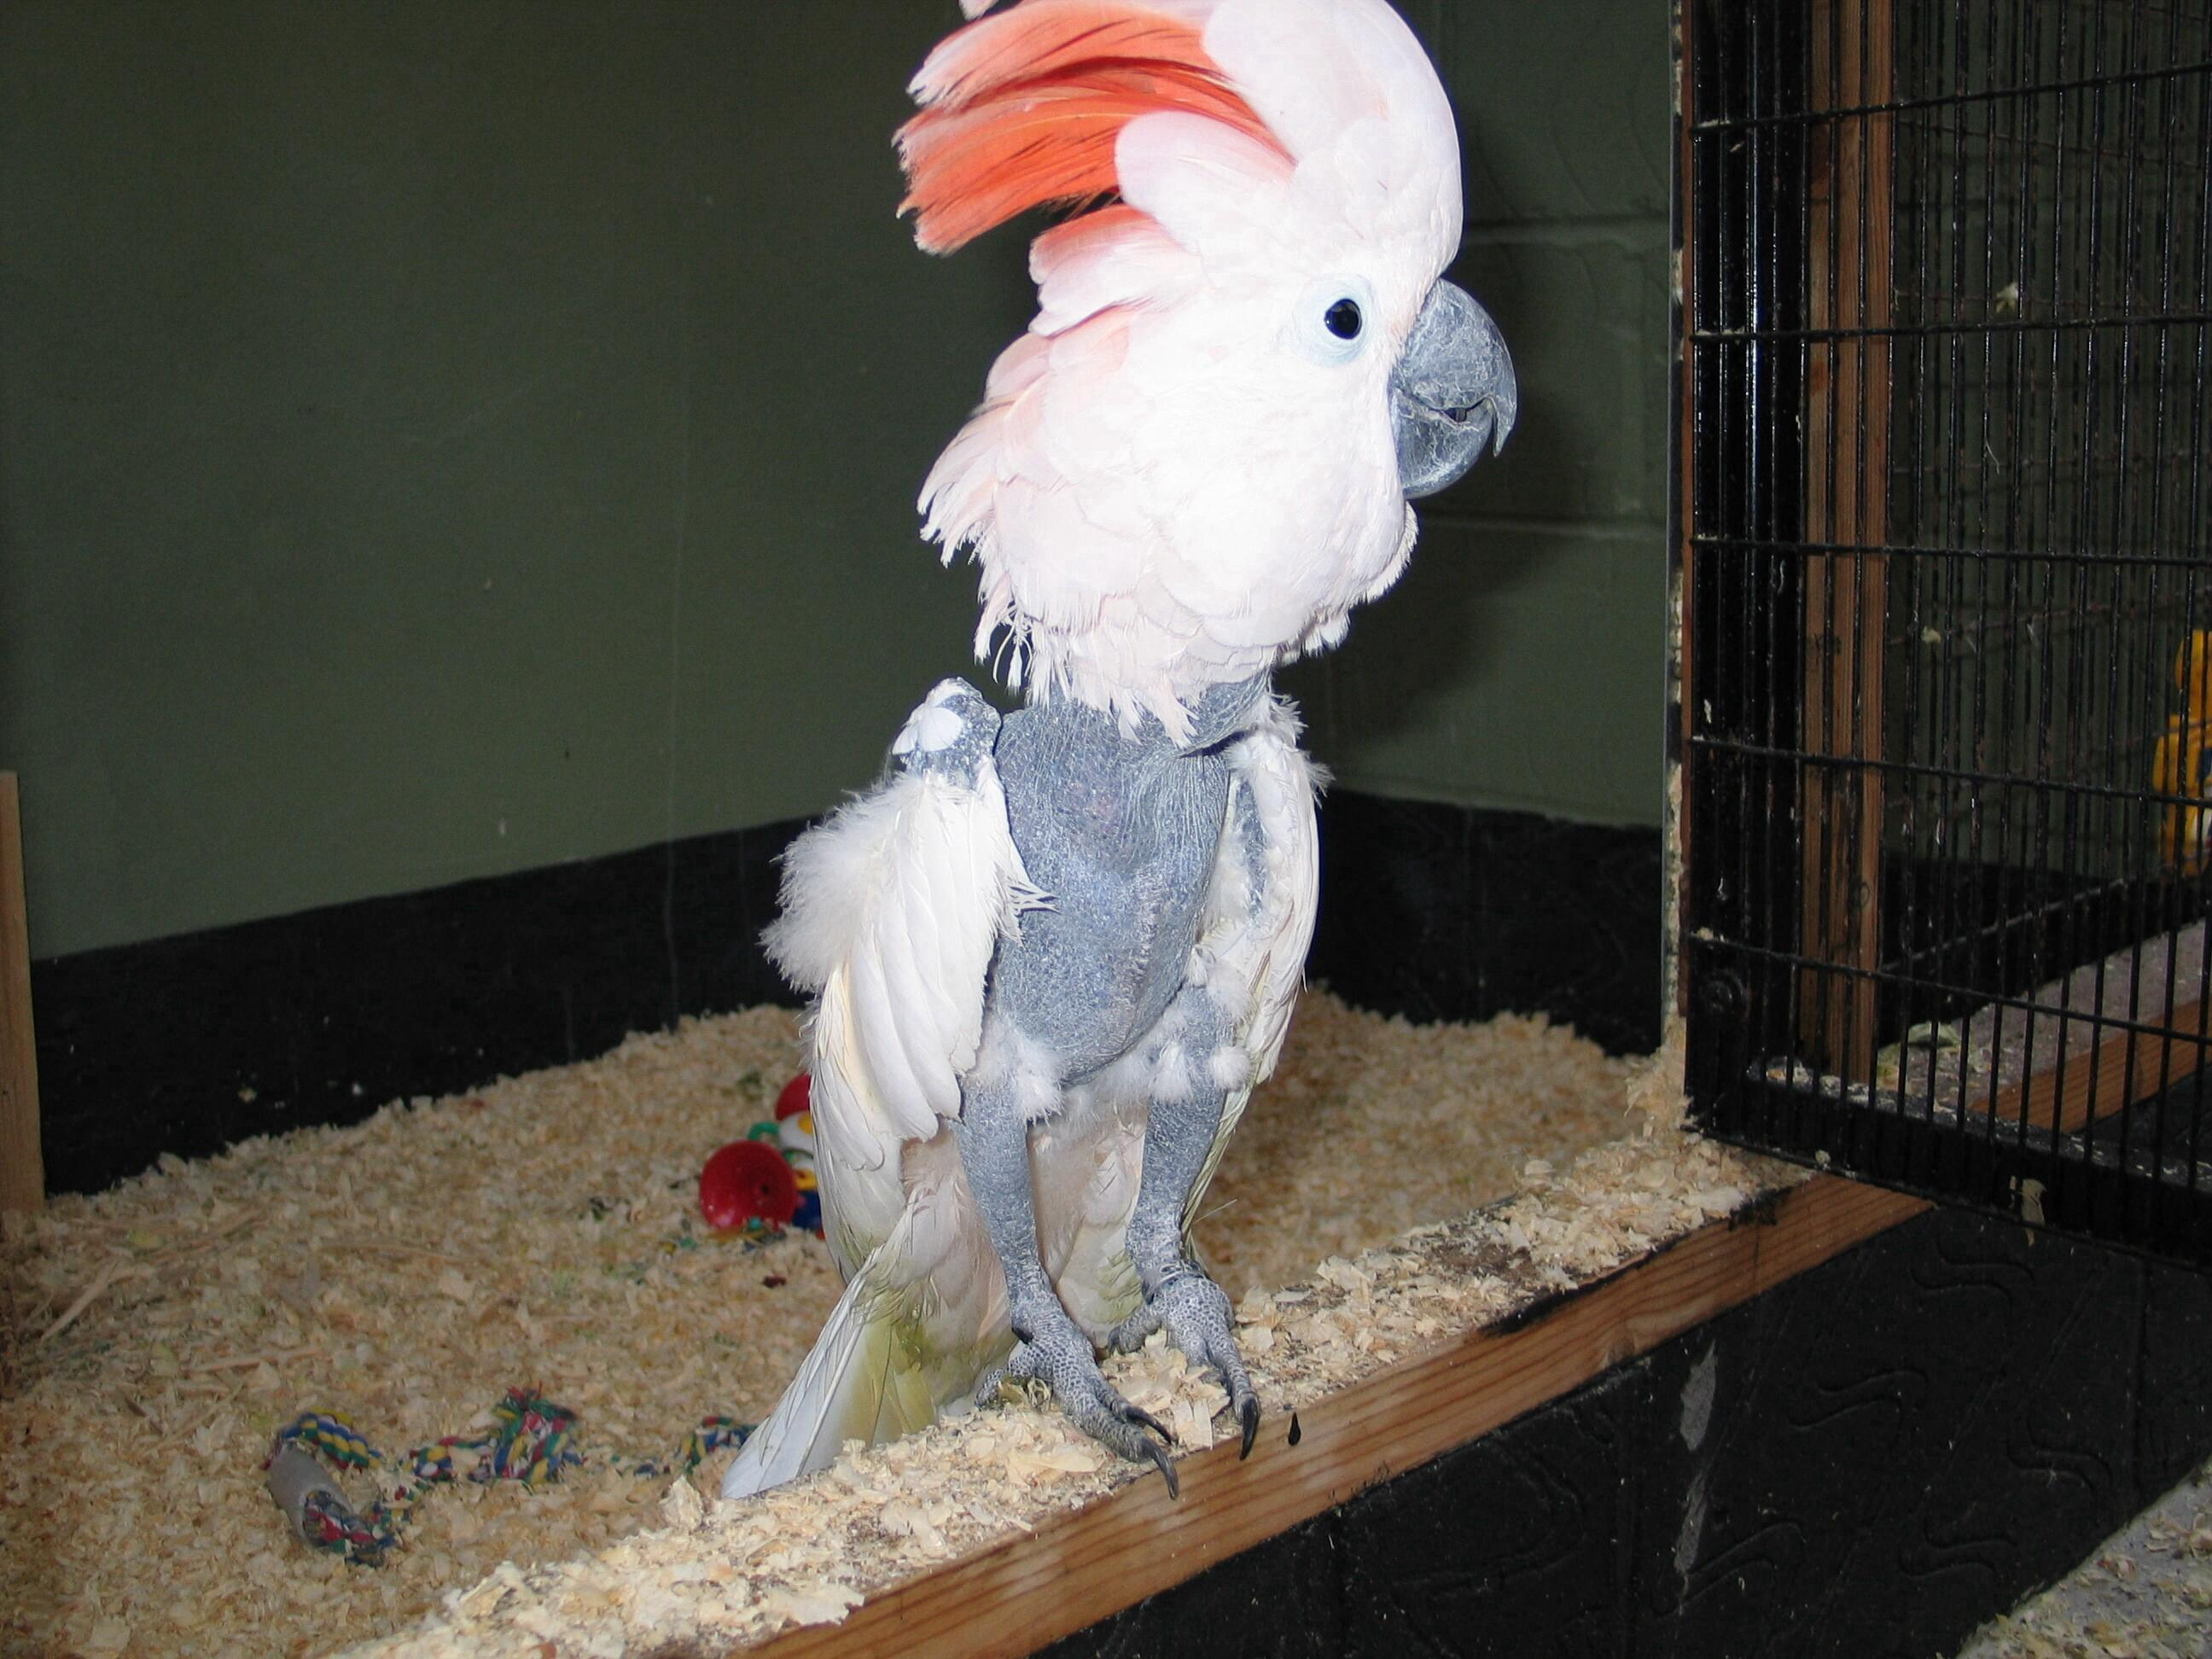 sca-birds-010.jpg